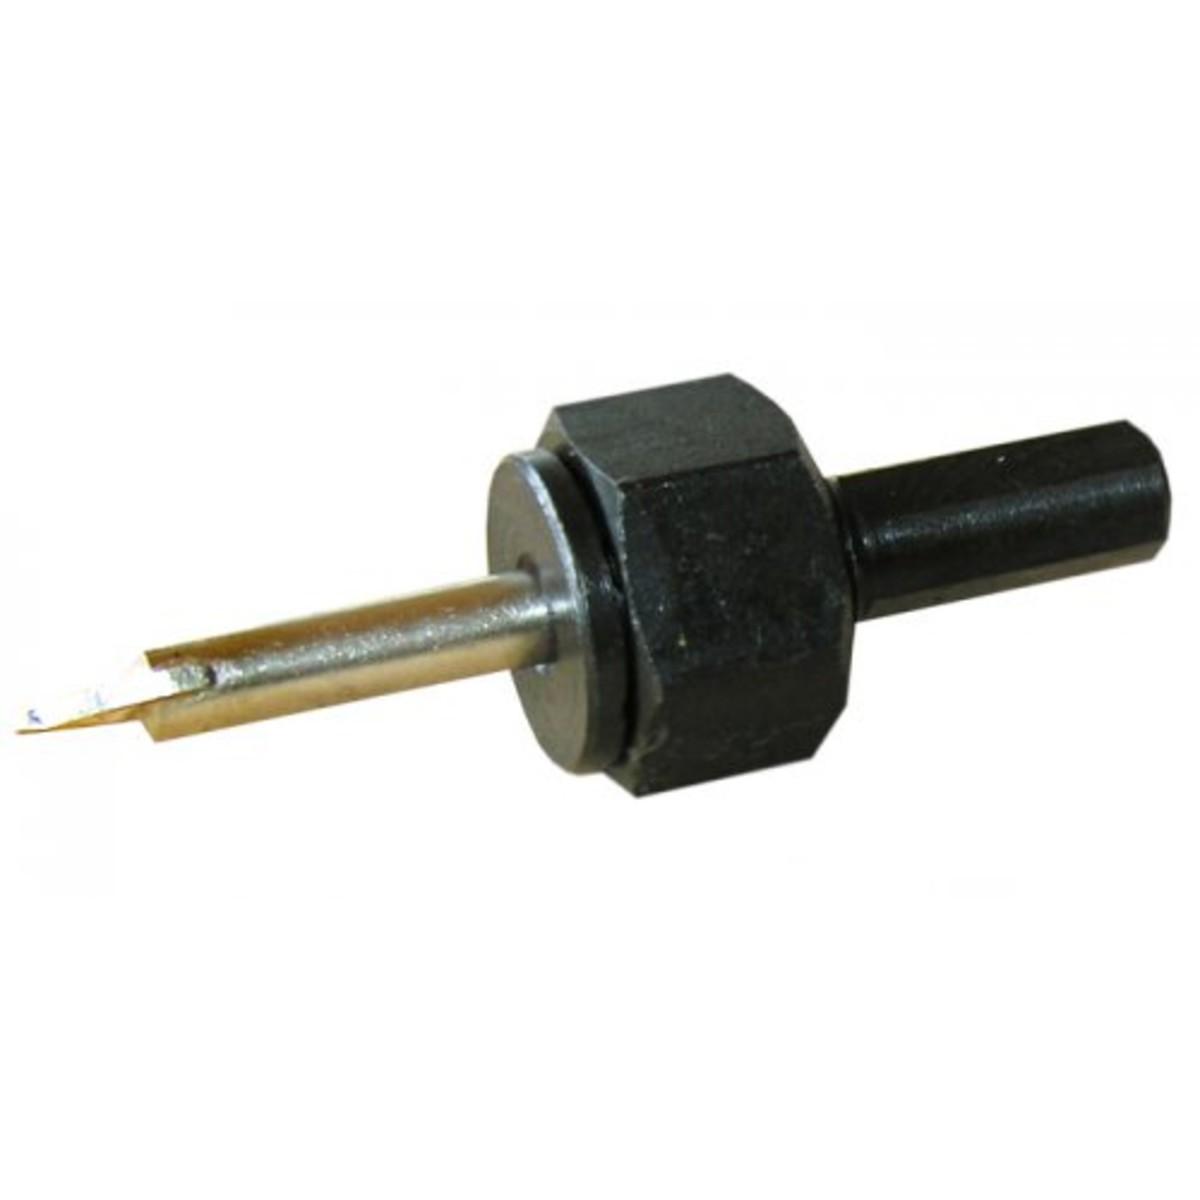 Адаптер для коронки Энкор ф29-83мм 9452